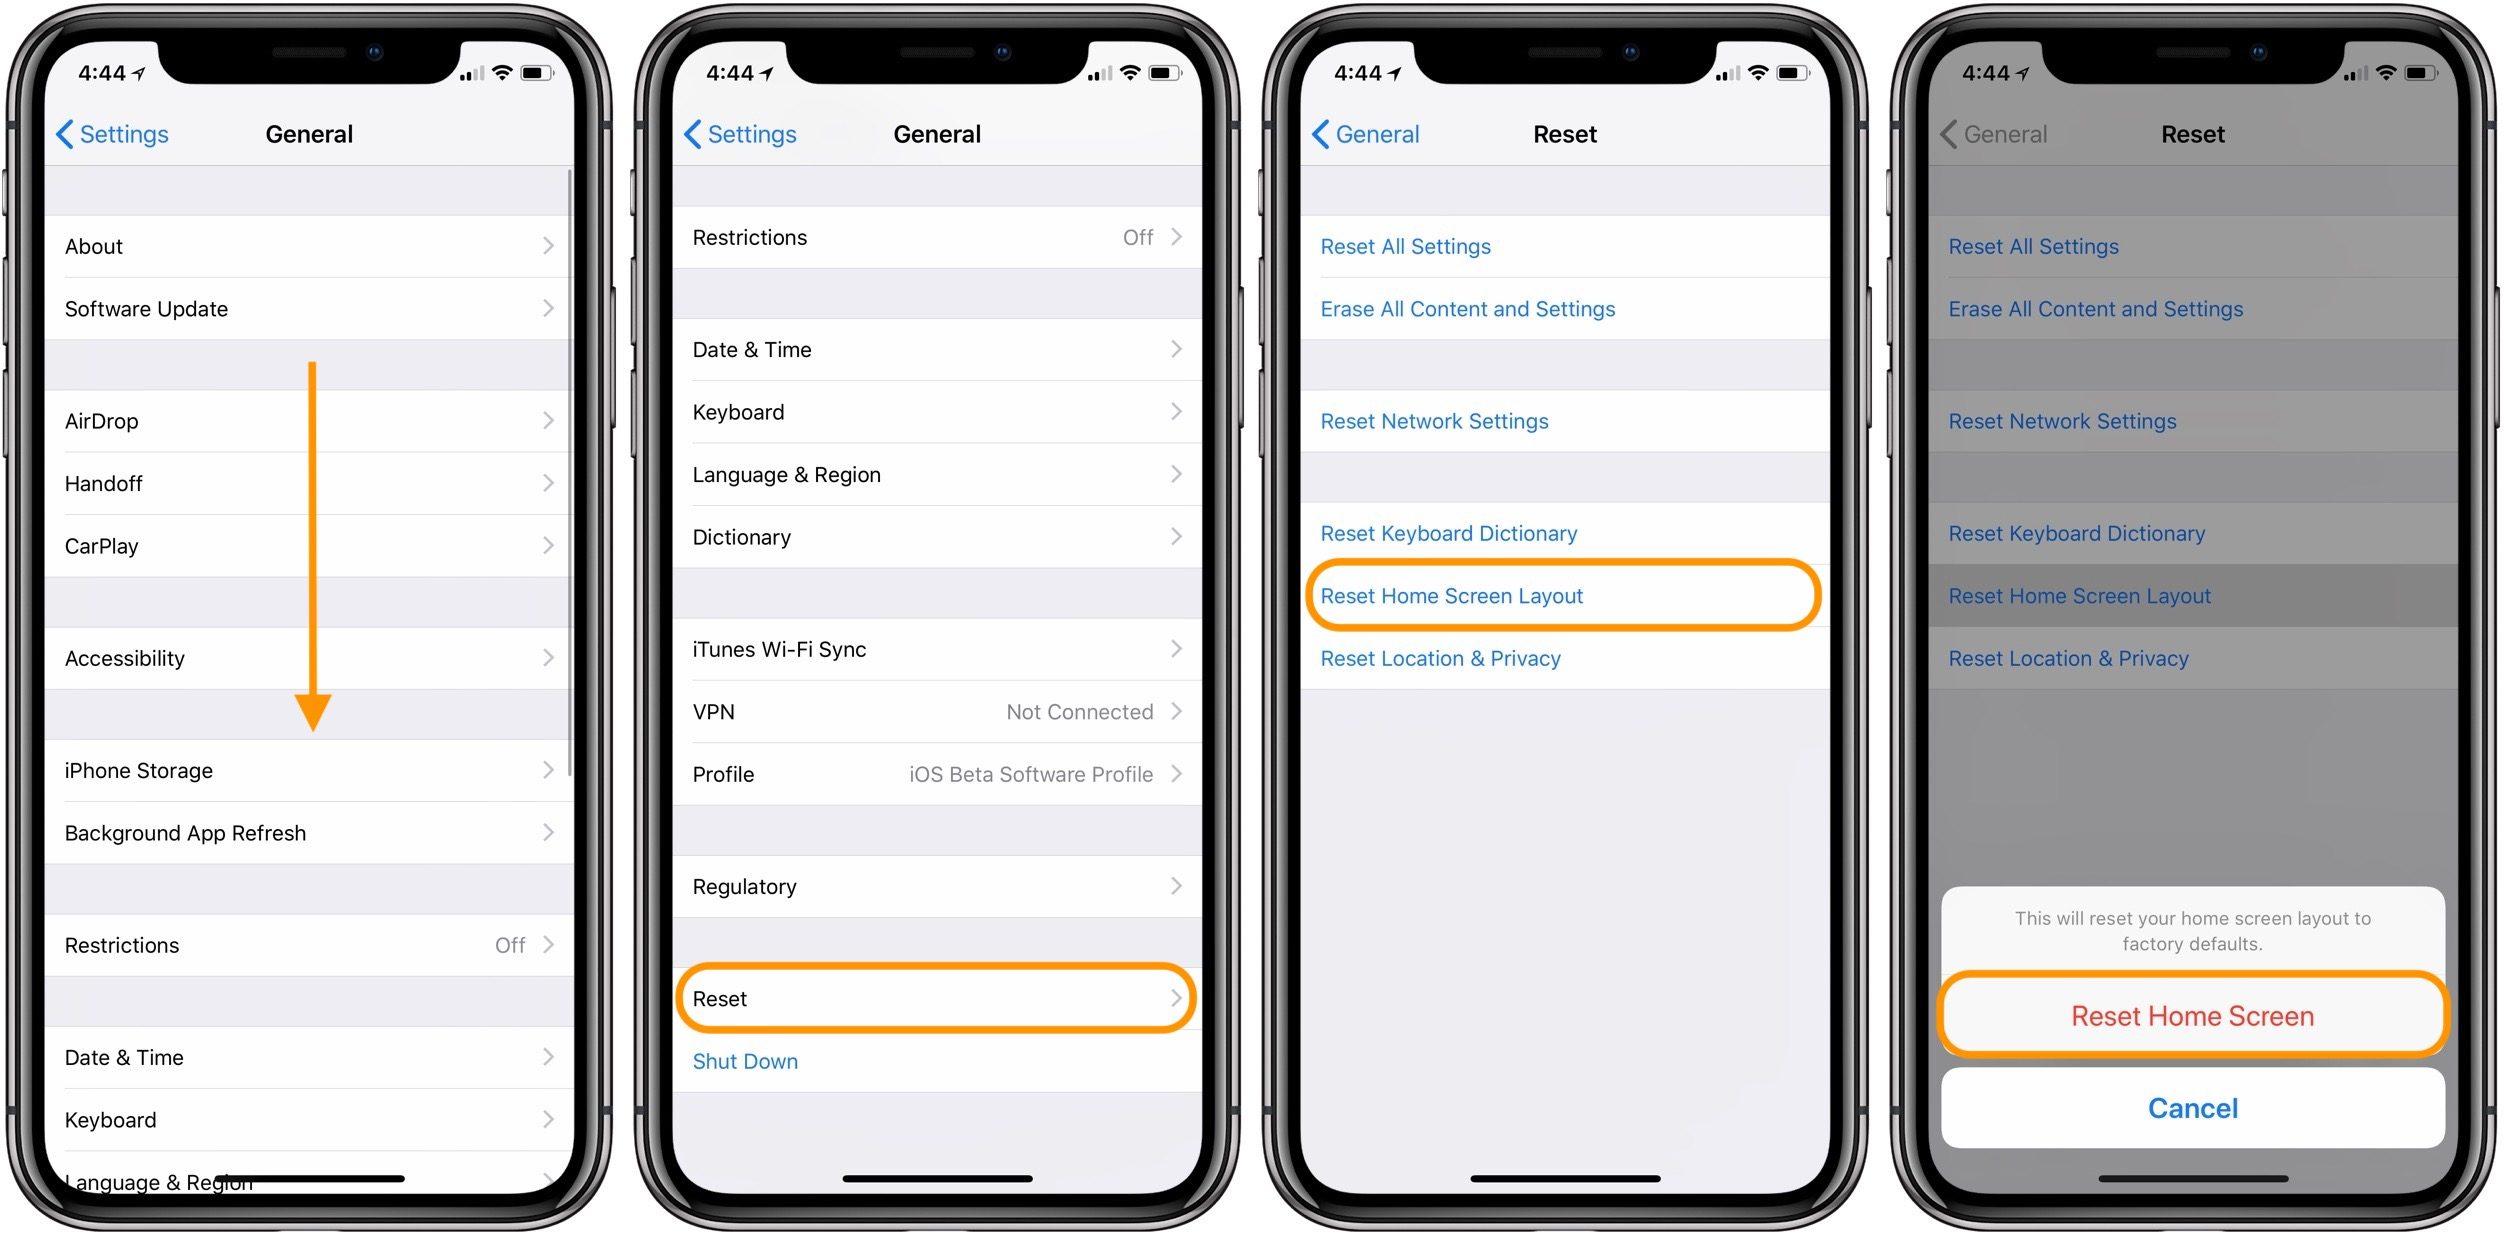 """<span href=""""https://9to5mac.com/2018/04/03/how-to-restore-home-screen-to-the-default-layout-on-iphone/"""">¿Cómo restaurar el valor predeterminado de la Casa de diseño de pantalla en el iPhone y el iPad</a>"""